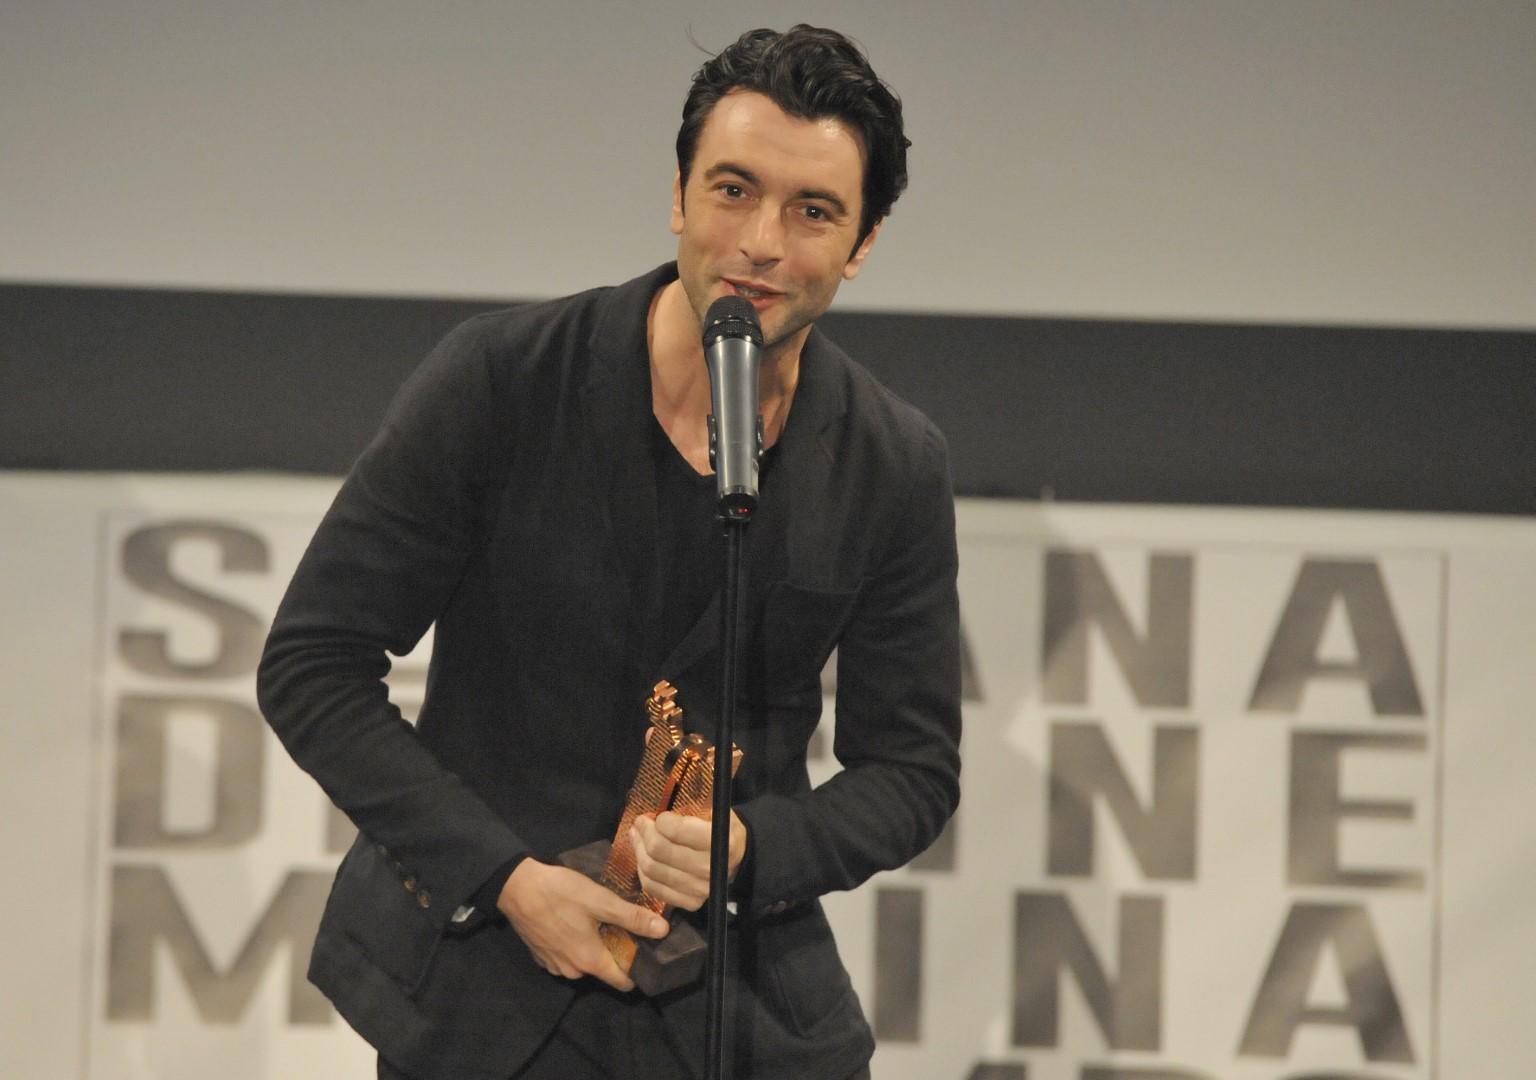 32ª Semana de Cine de Medina del Campo: Javier Rey recibe el Roel de Actor del Siglo XXI